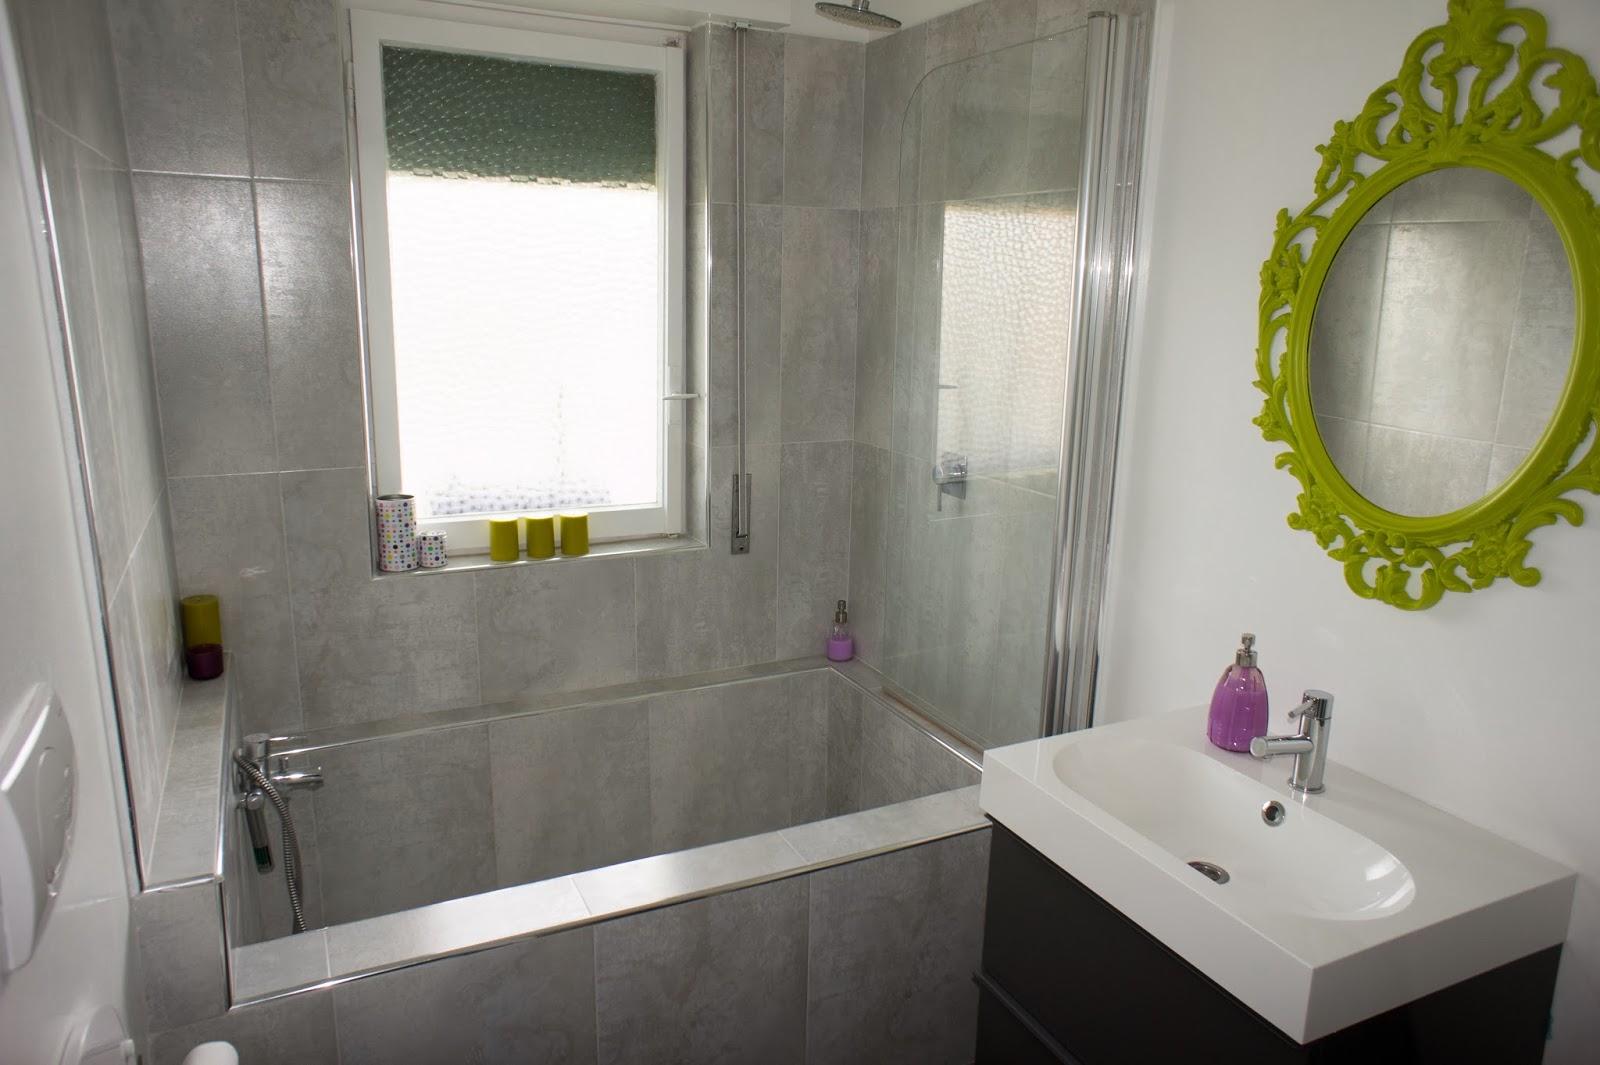 Ea ristruttura appartamento ristrutturato da noi bagno - Pareti doccia in resina ...